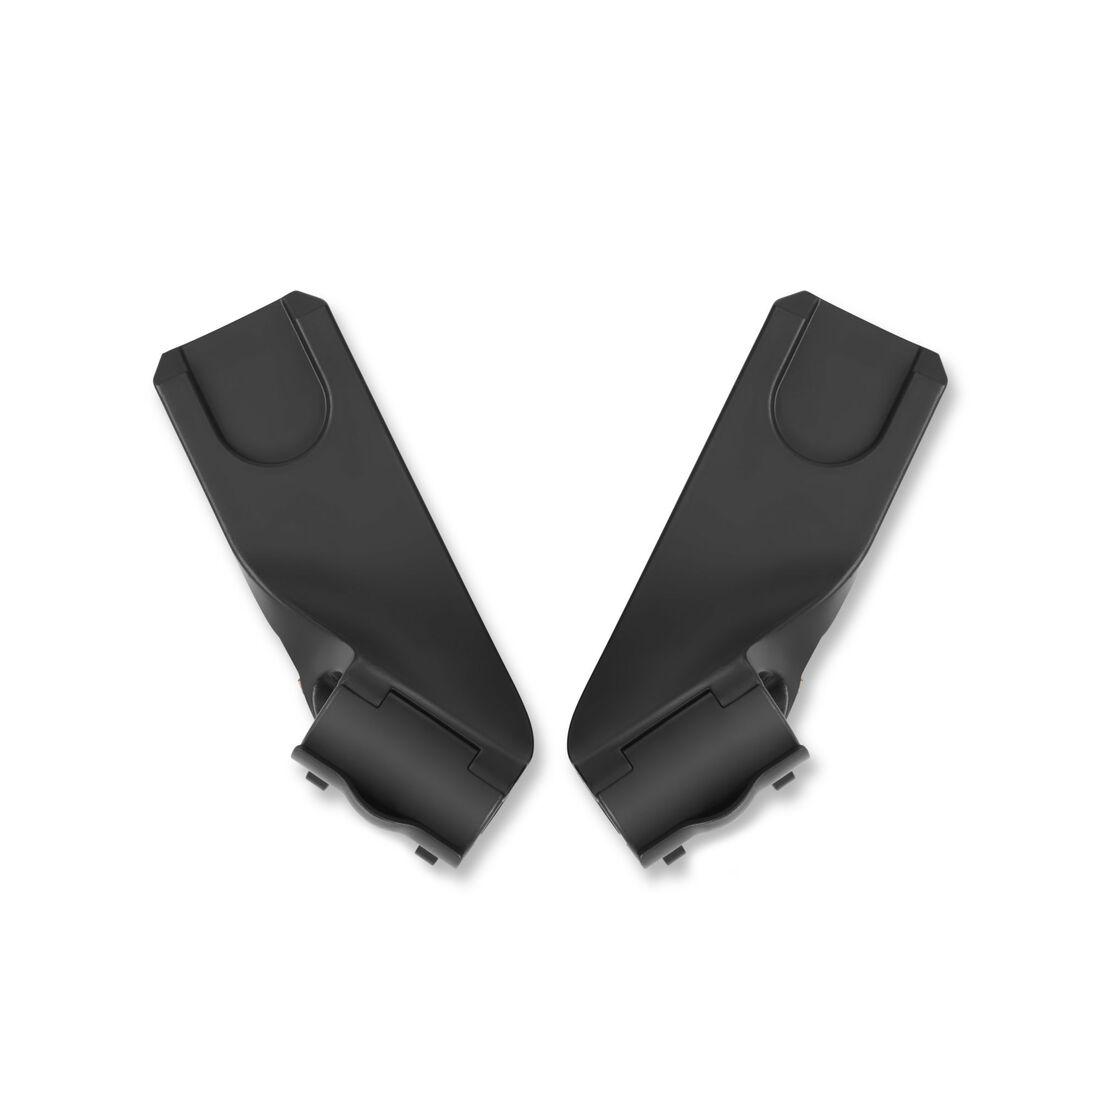 CYBEX Babyschalen Adapter Eezy S Line - Black in Black large Bild 1